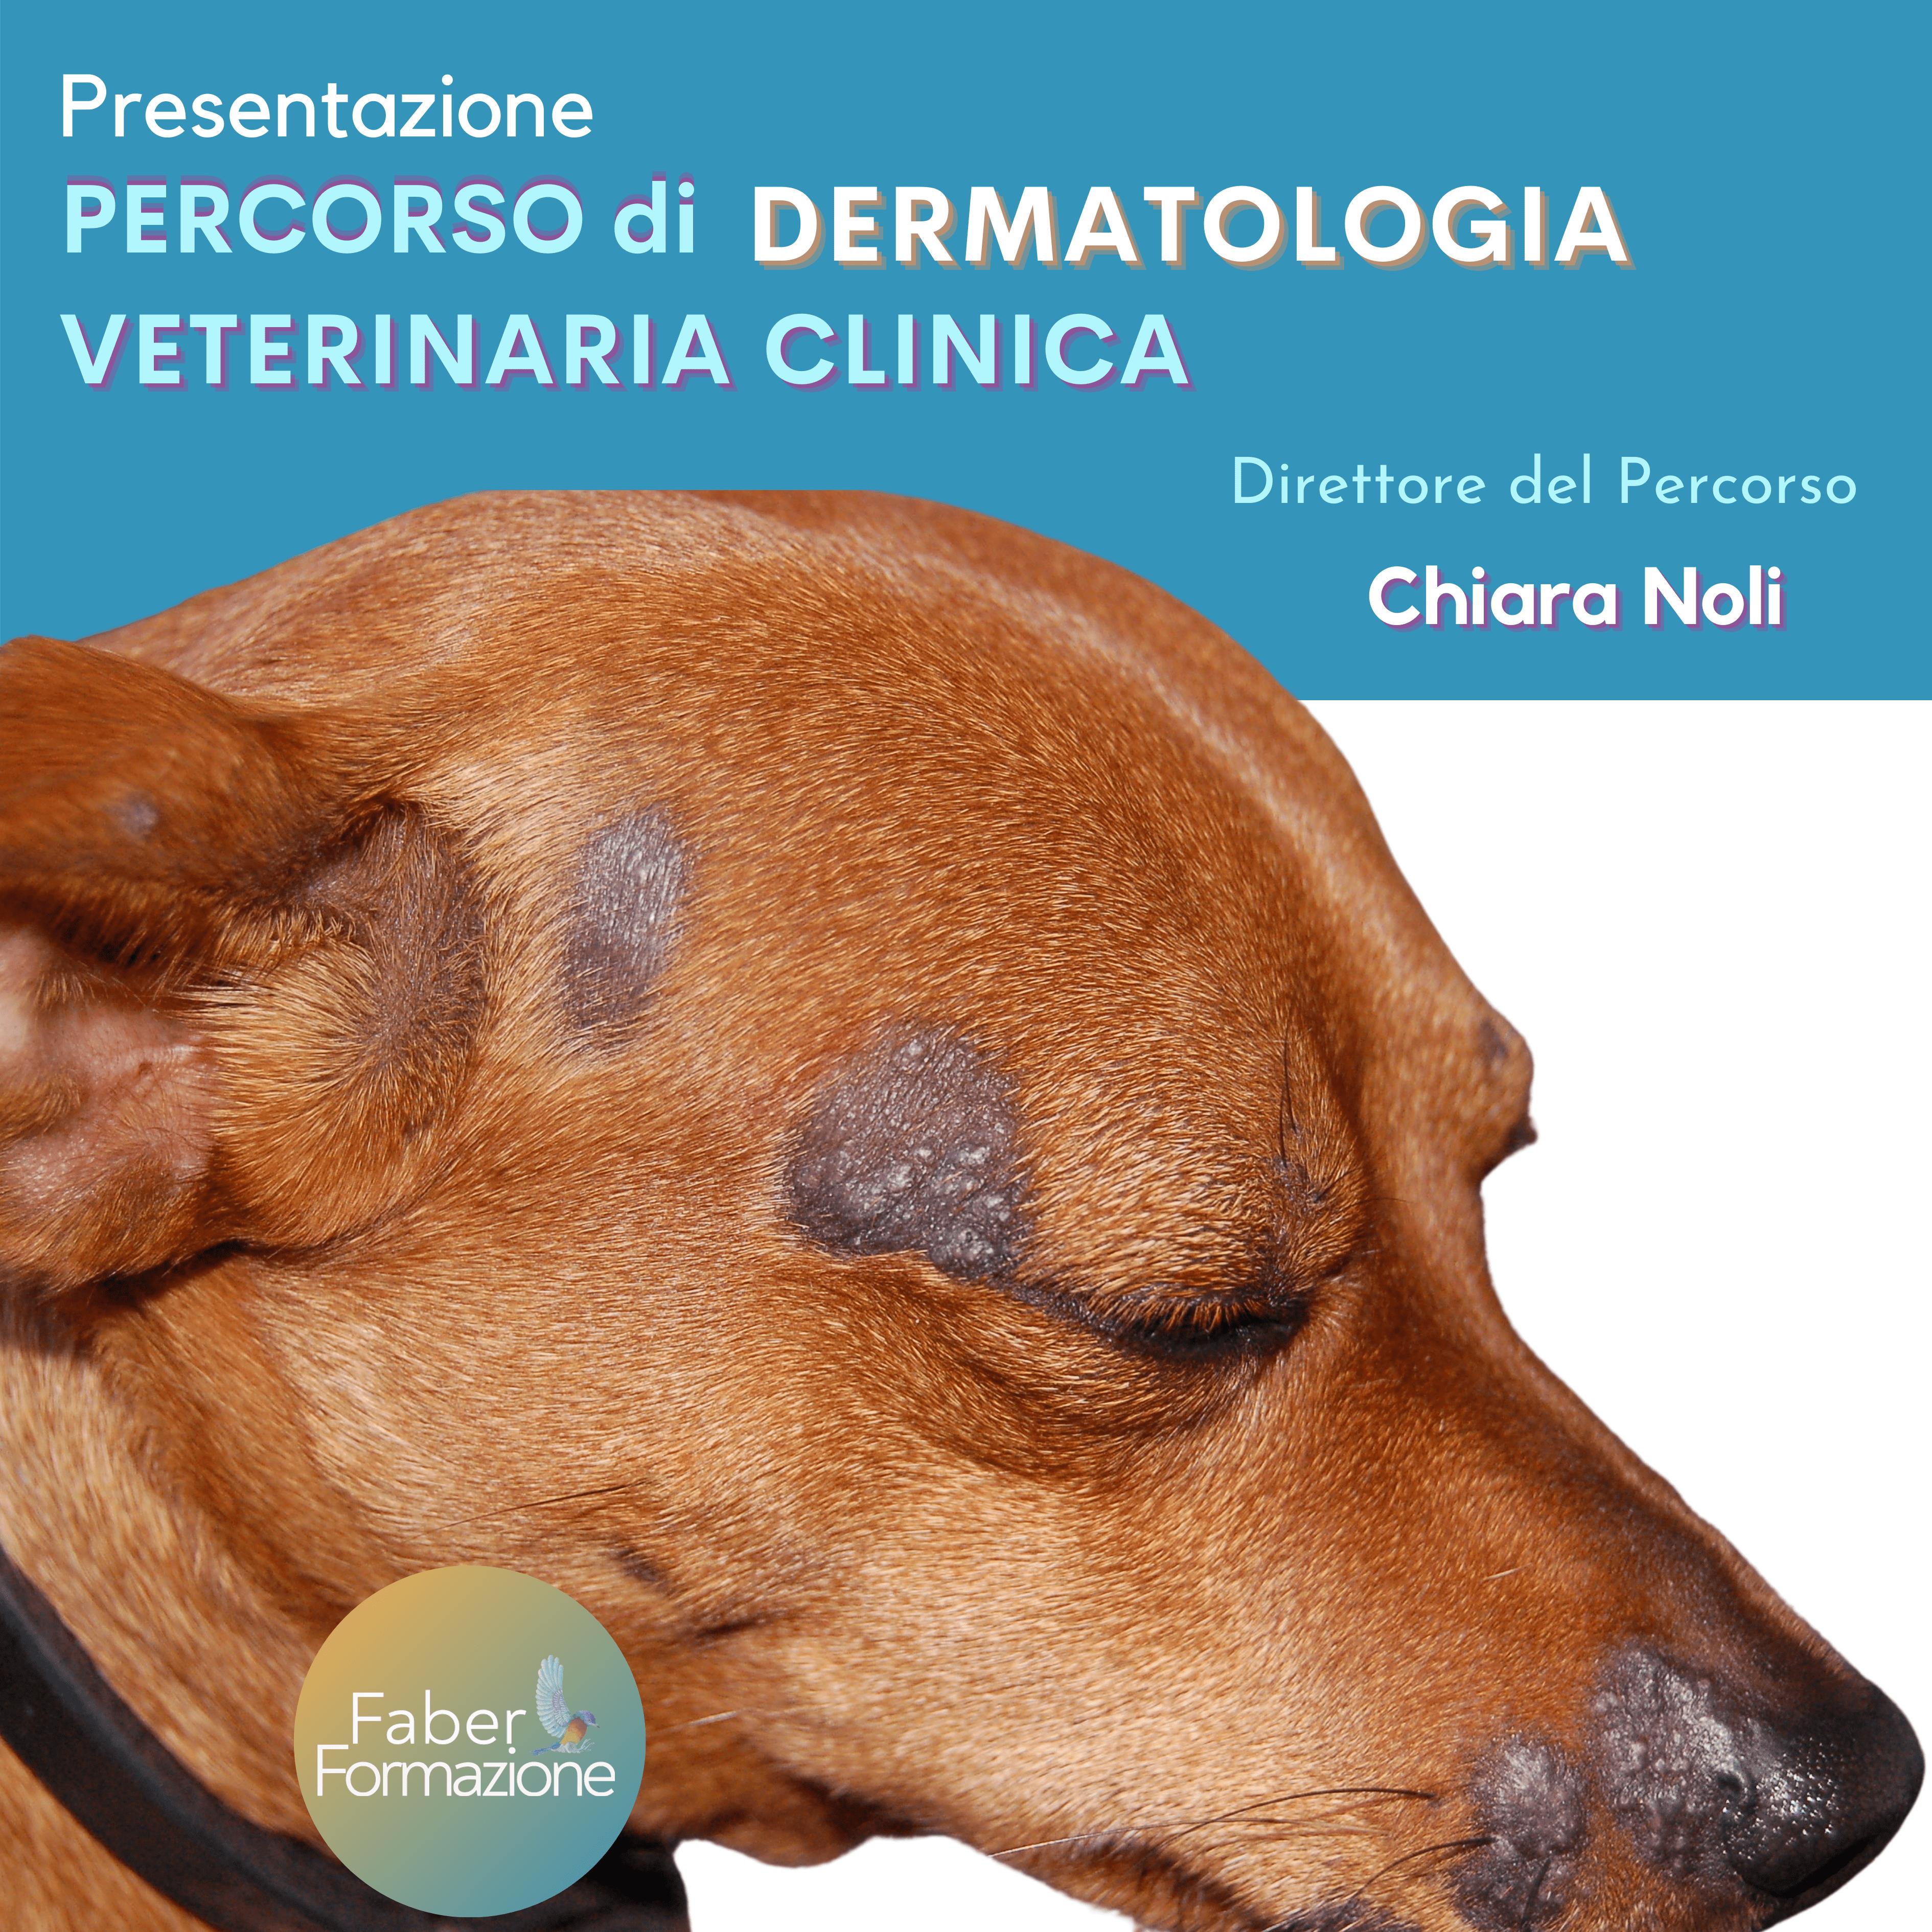 Presentazione Percorso Di Dermatologia Veterinaria Clinica